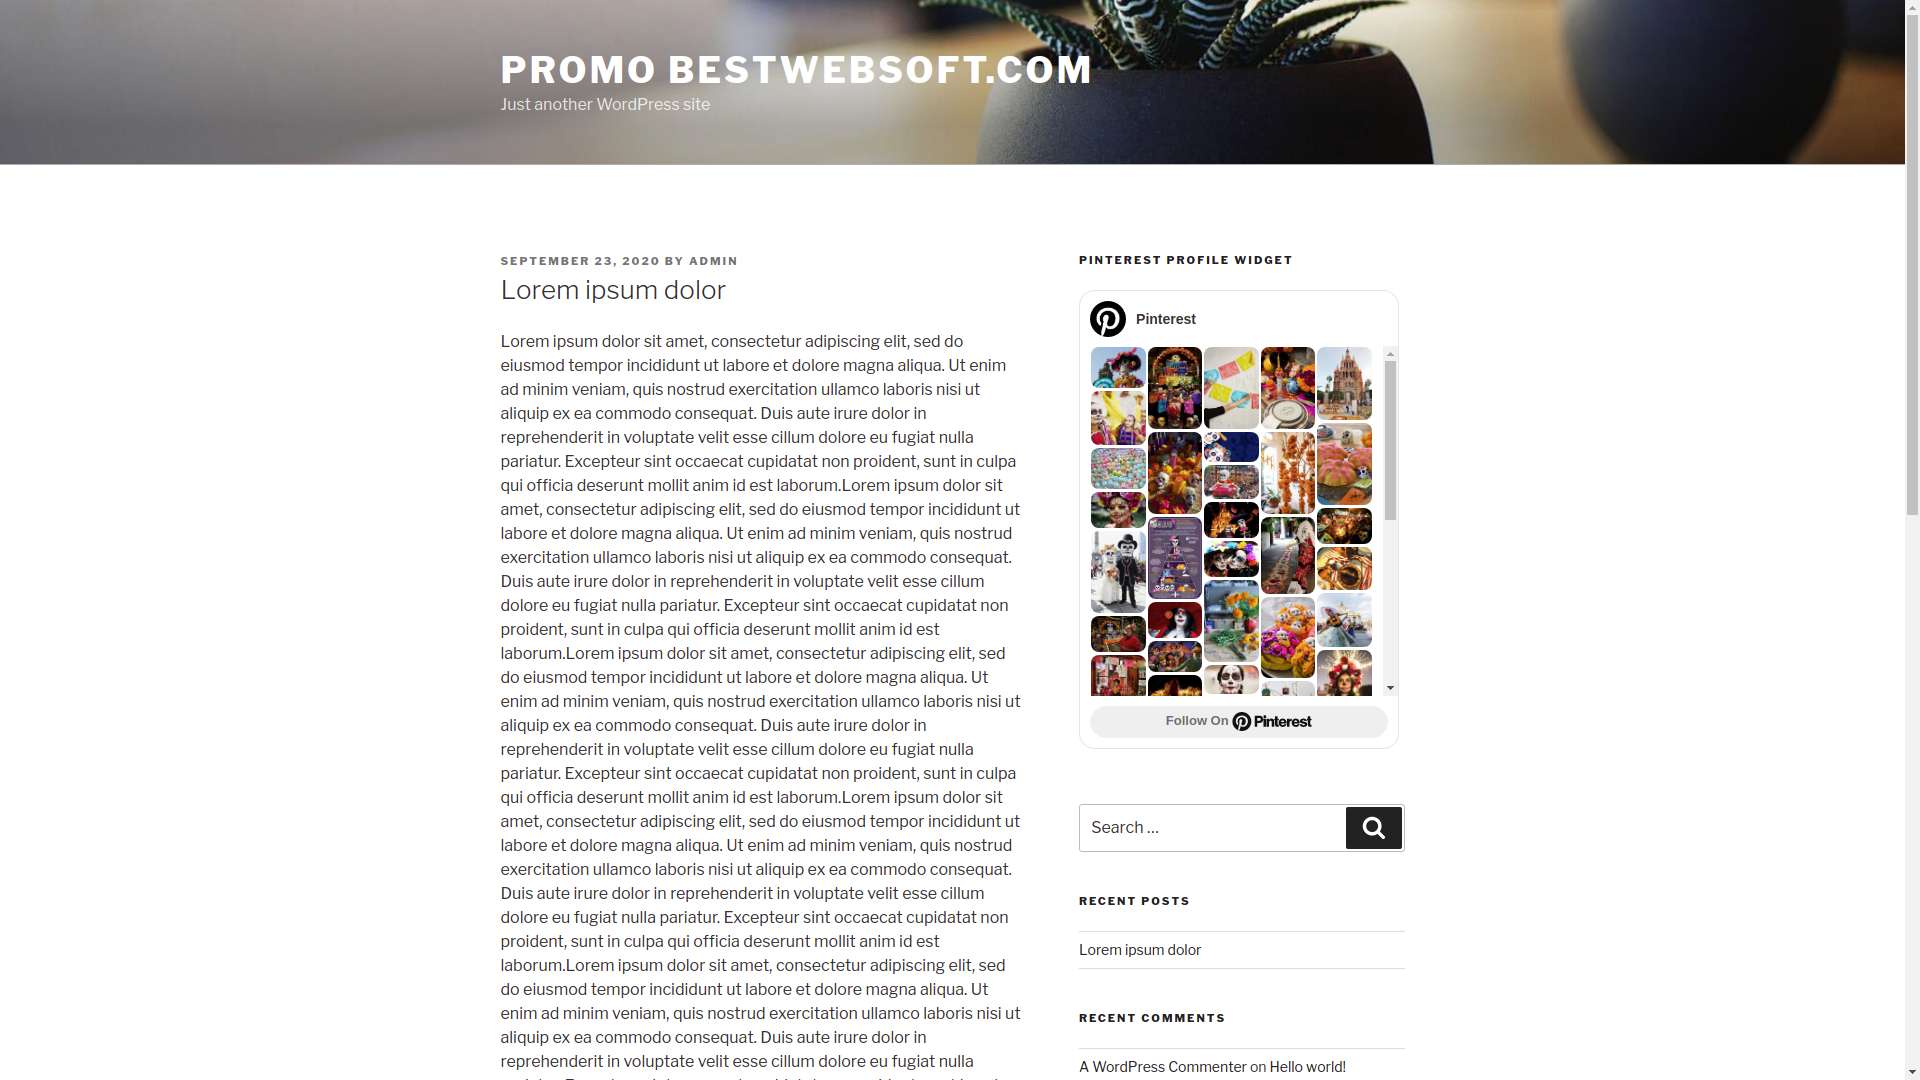 bestwebsoft's pinterest screenshot 7